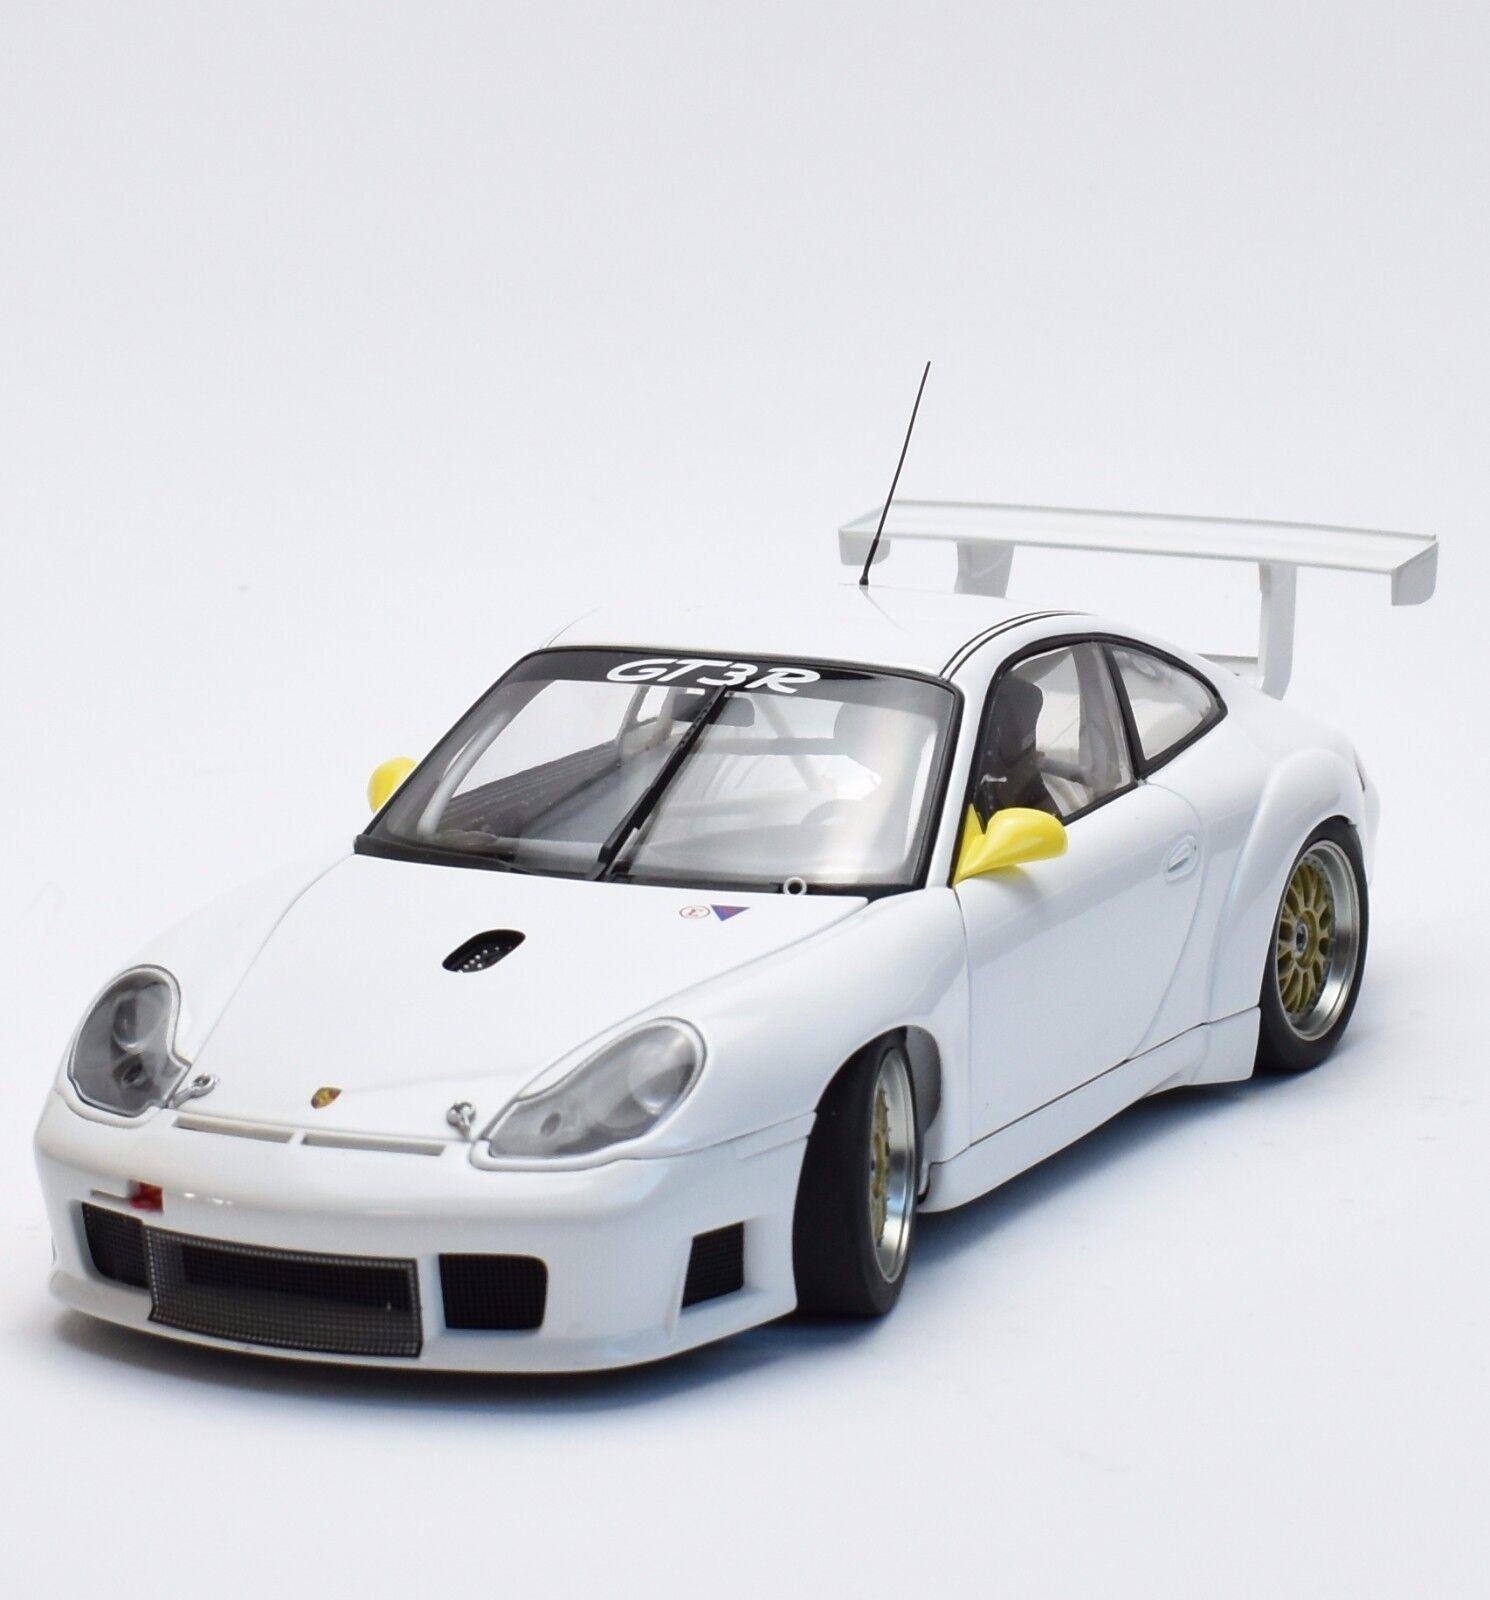 Porsche 911   996 gt3 rsr autoart rennwagen schlicht körper in weiss, 18, x014